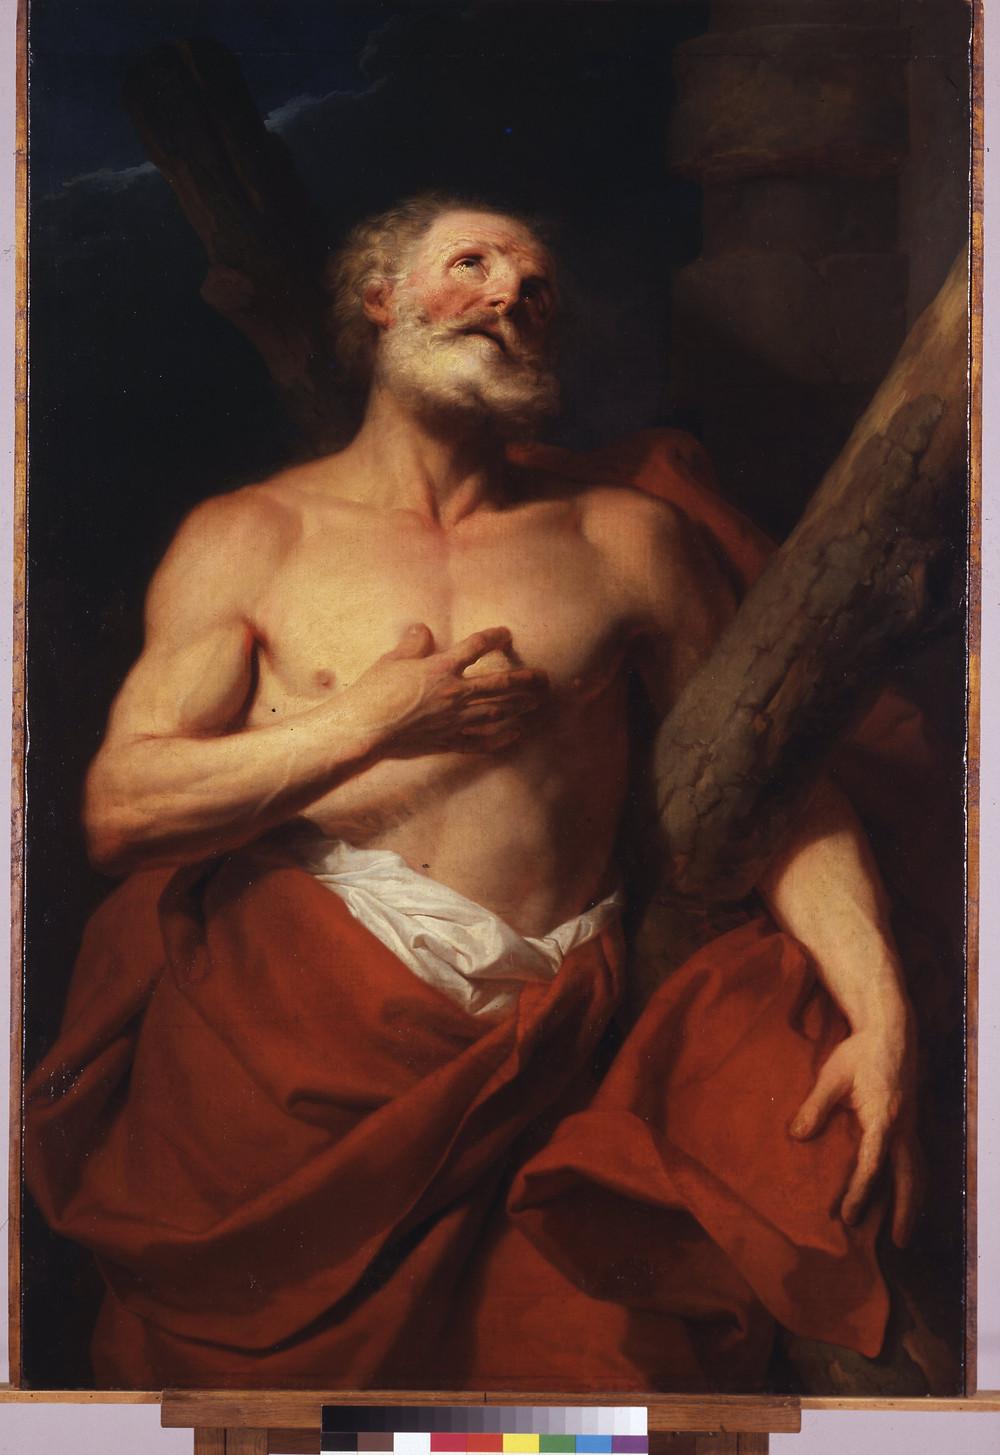 Hyacinthe Rigaud, Saint André, avant 1742, Paris, Ecole nationale supérieure des Beaux-Arts, inv. MRA 103 / MU 2624